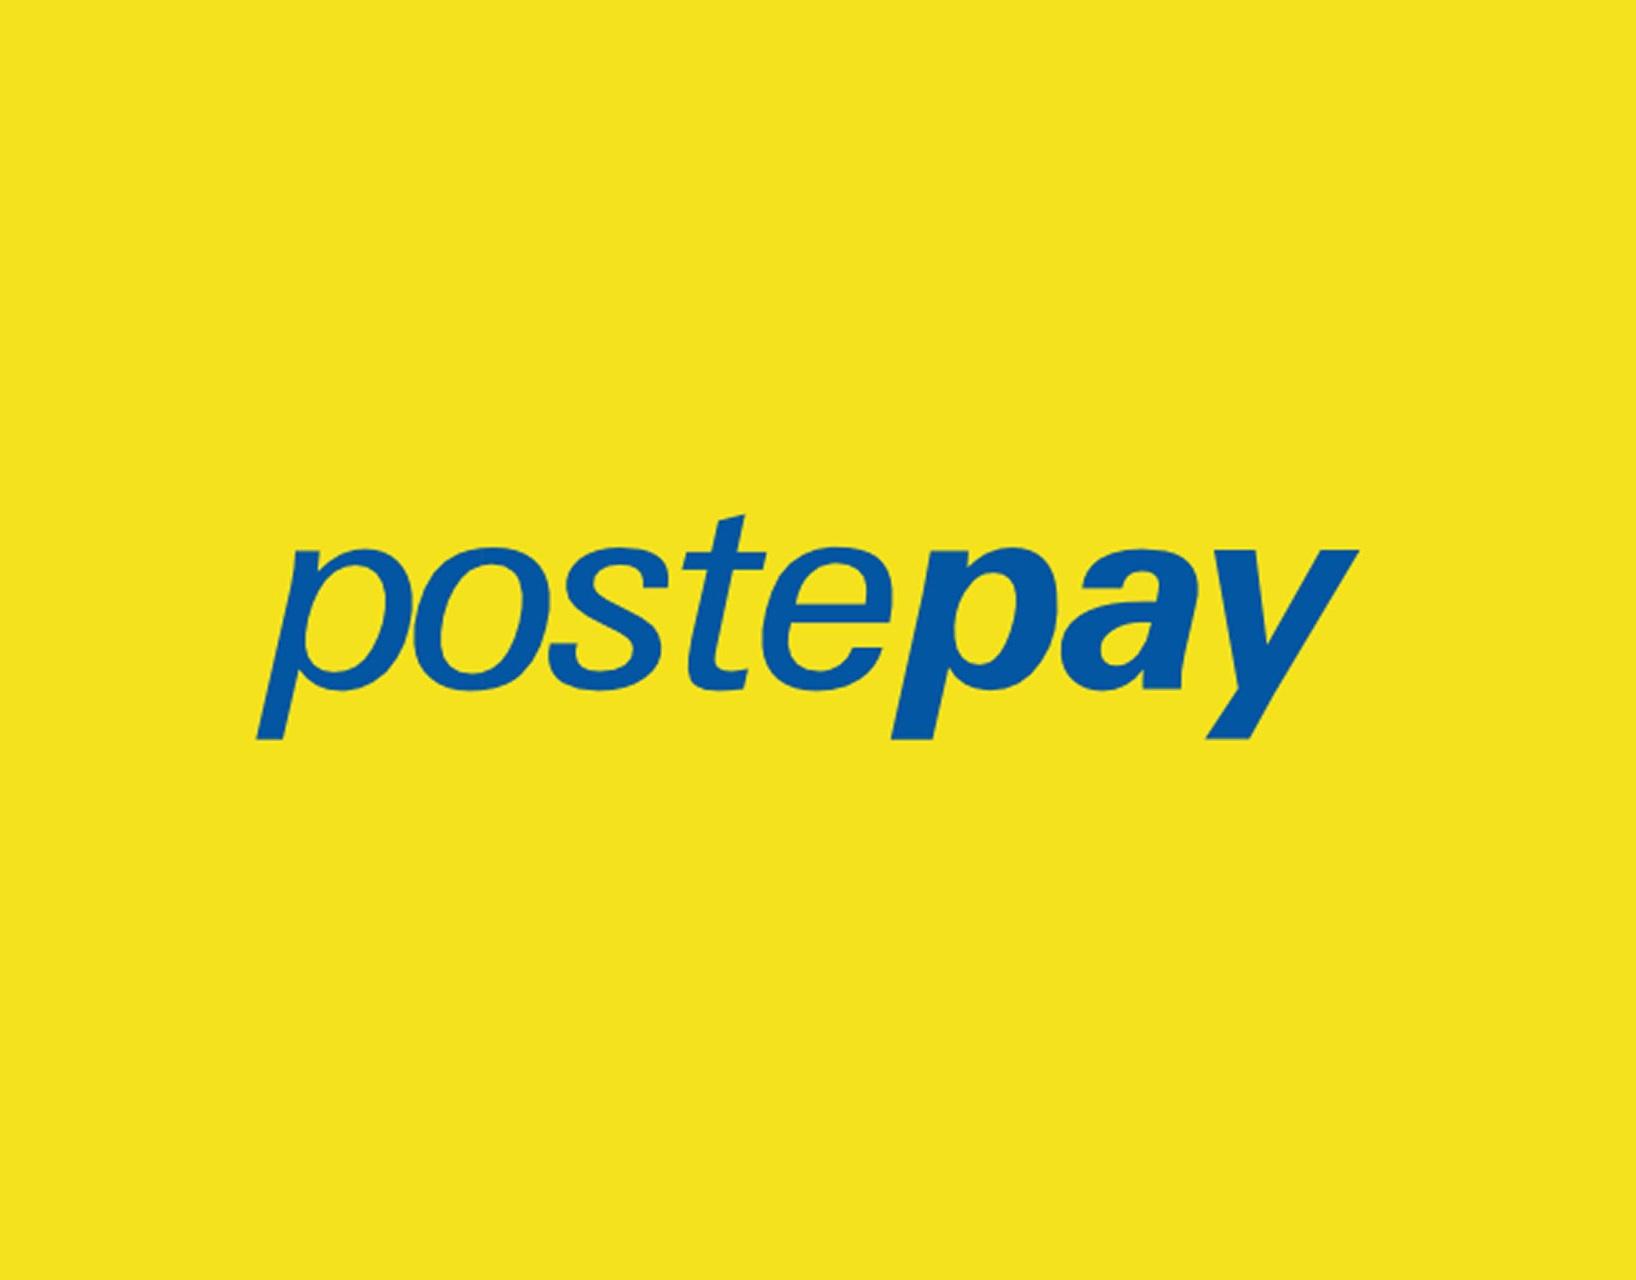 PostePay | Download | Cos'è | Come funziona | Smartphone | Negozi ...